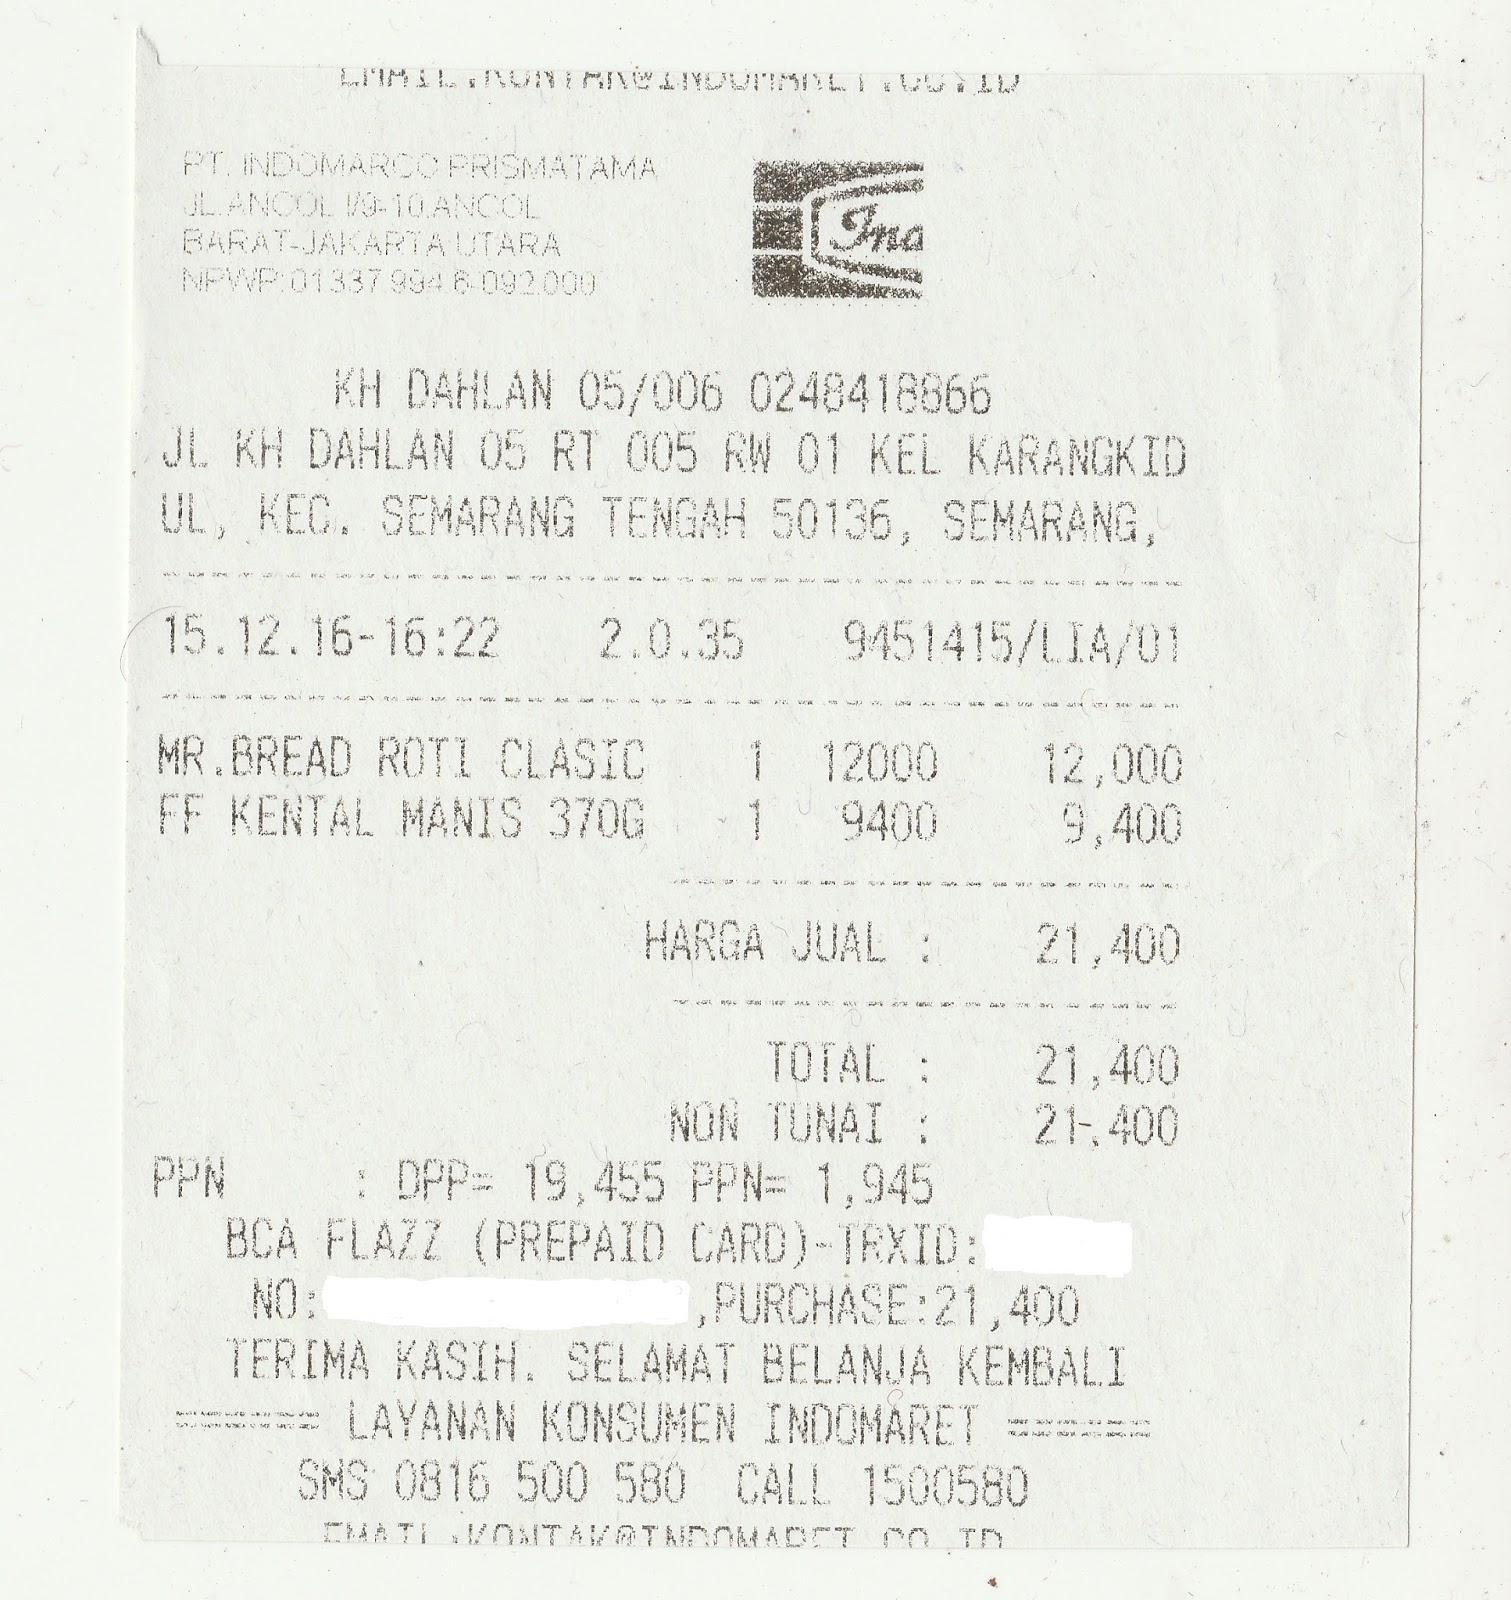 Pengalaman Menggunakan Flazz Bca Untuk Berbelanja Di Minimarket Baruu Voucher Card Indomaret Berikut Bukti Pembayarannya